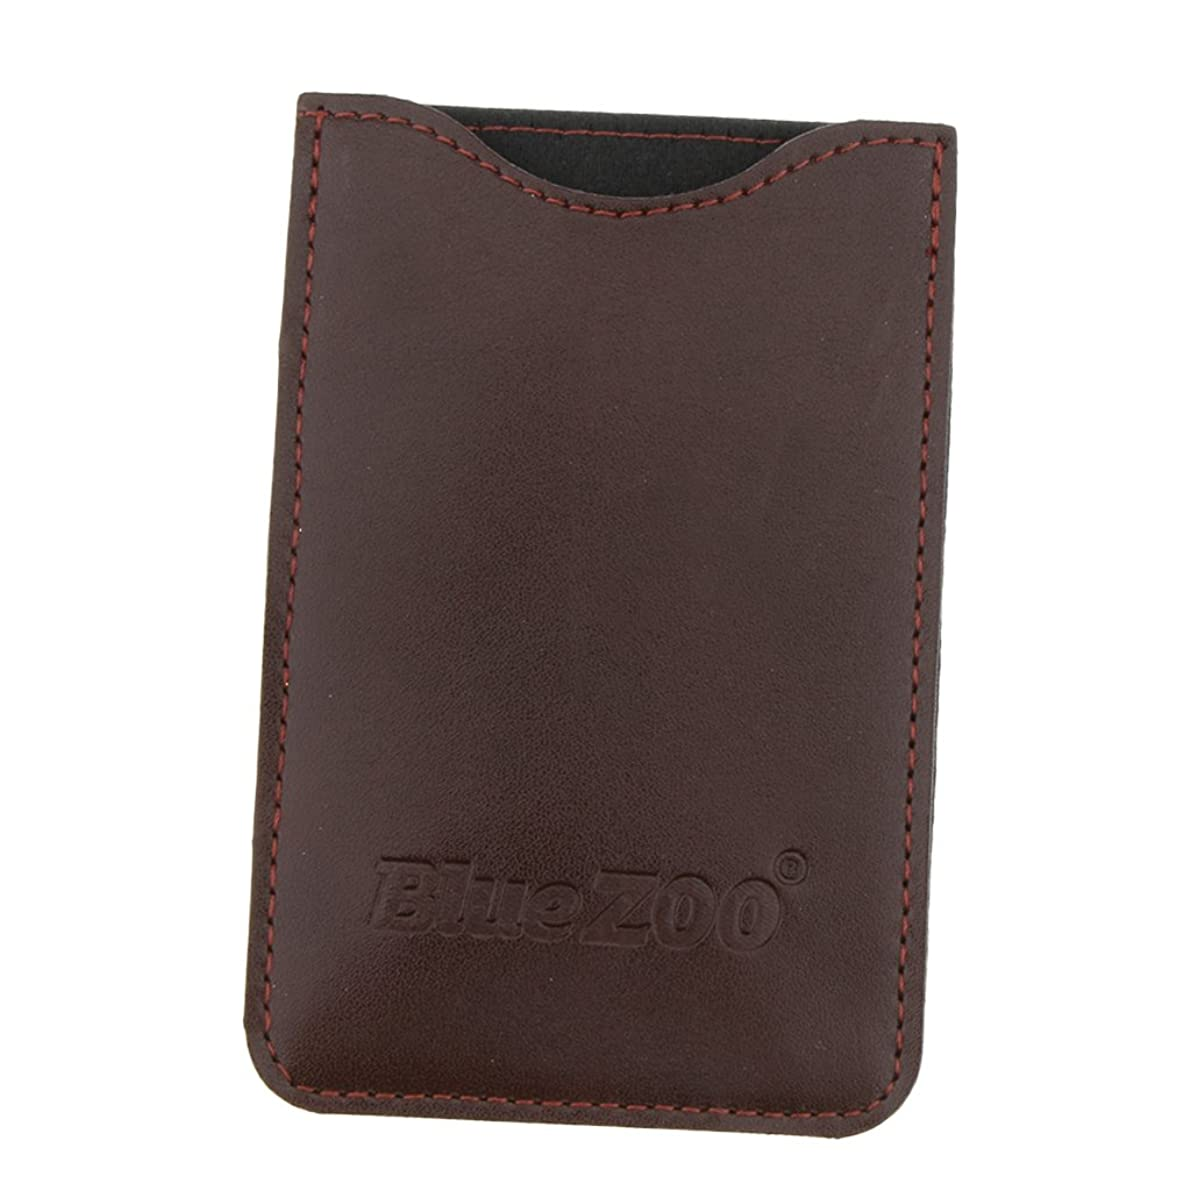 ましい思い出す今晩Baosity 収納パック 収納ケース 保護カバー 櫛/名刺/IDカード/銀行カード 旅行 便利 全2色  - 褐色